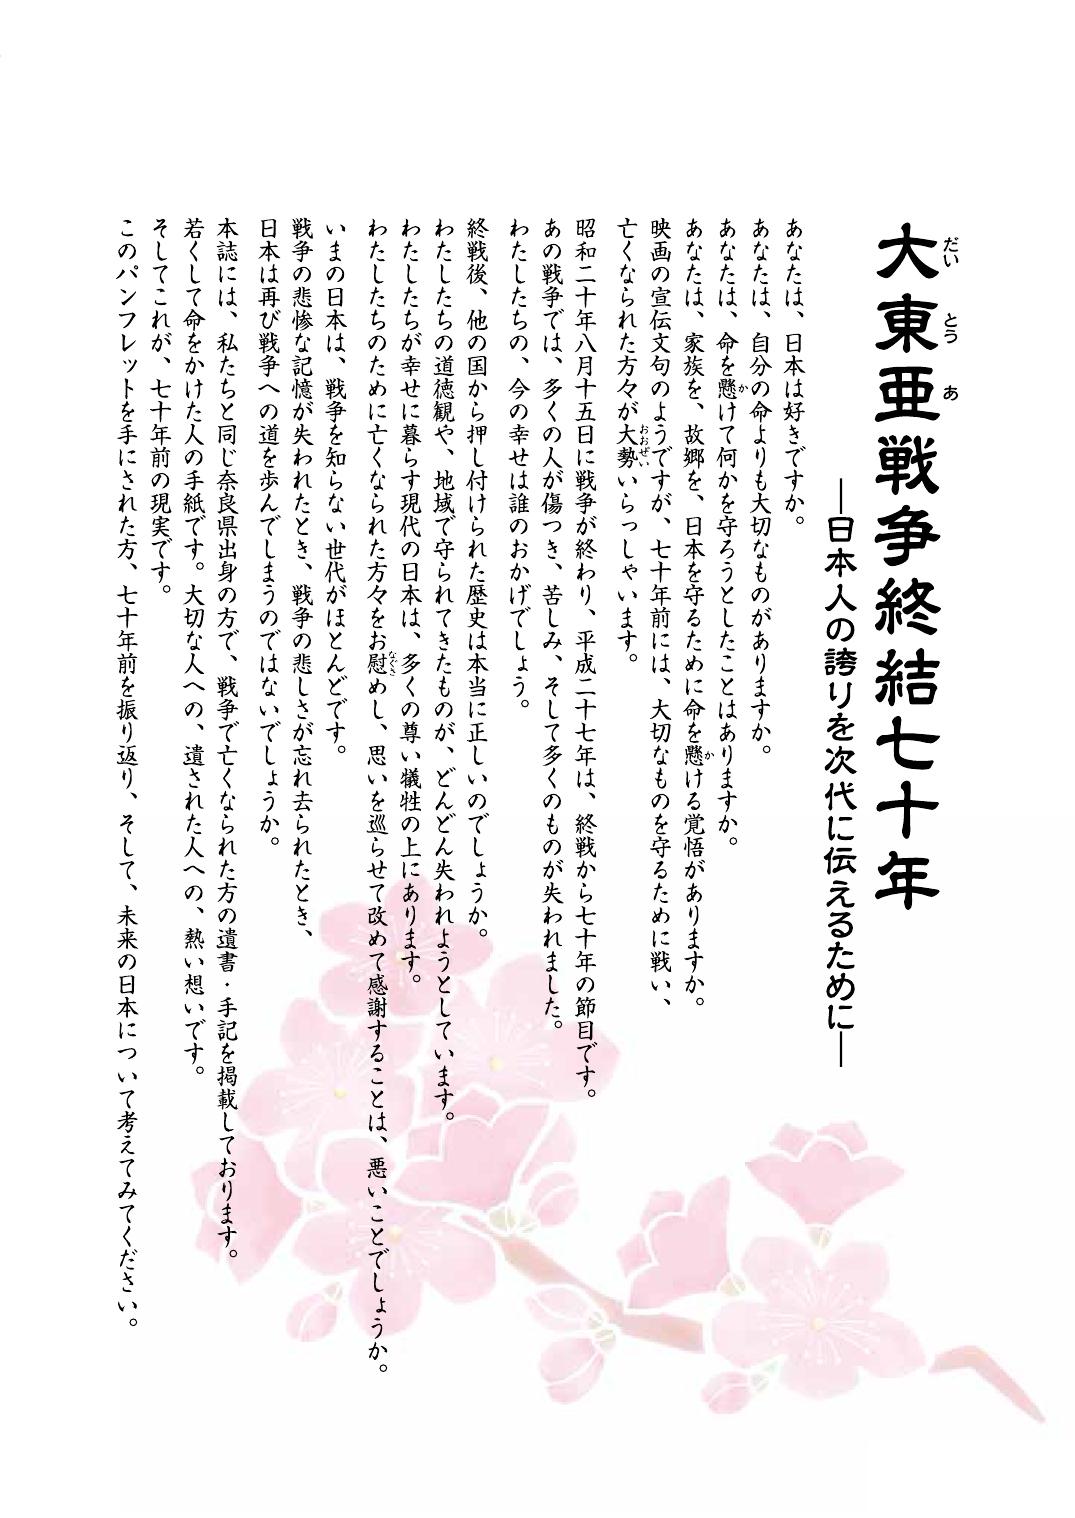 英霊顕彰冊子_00002